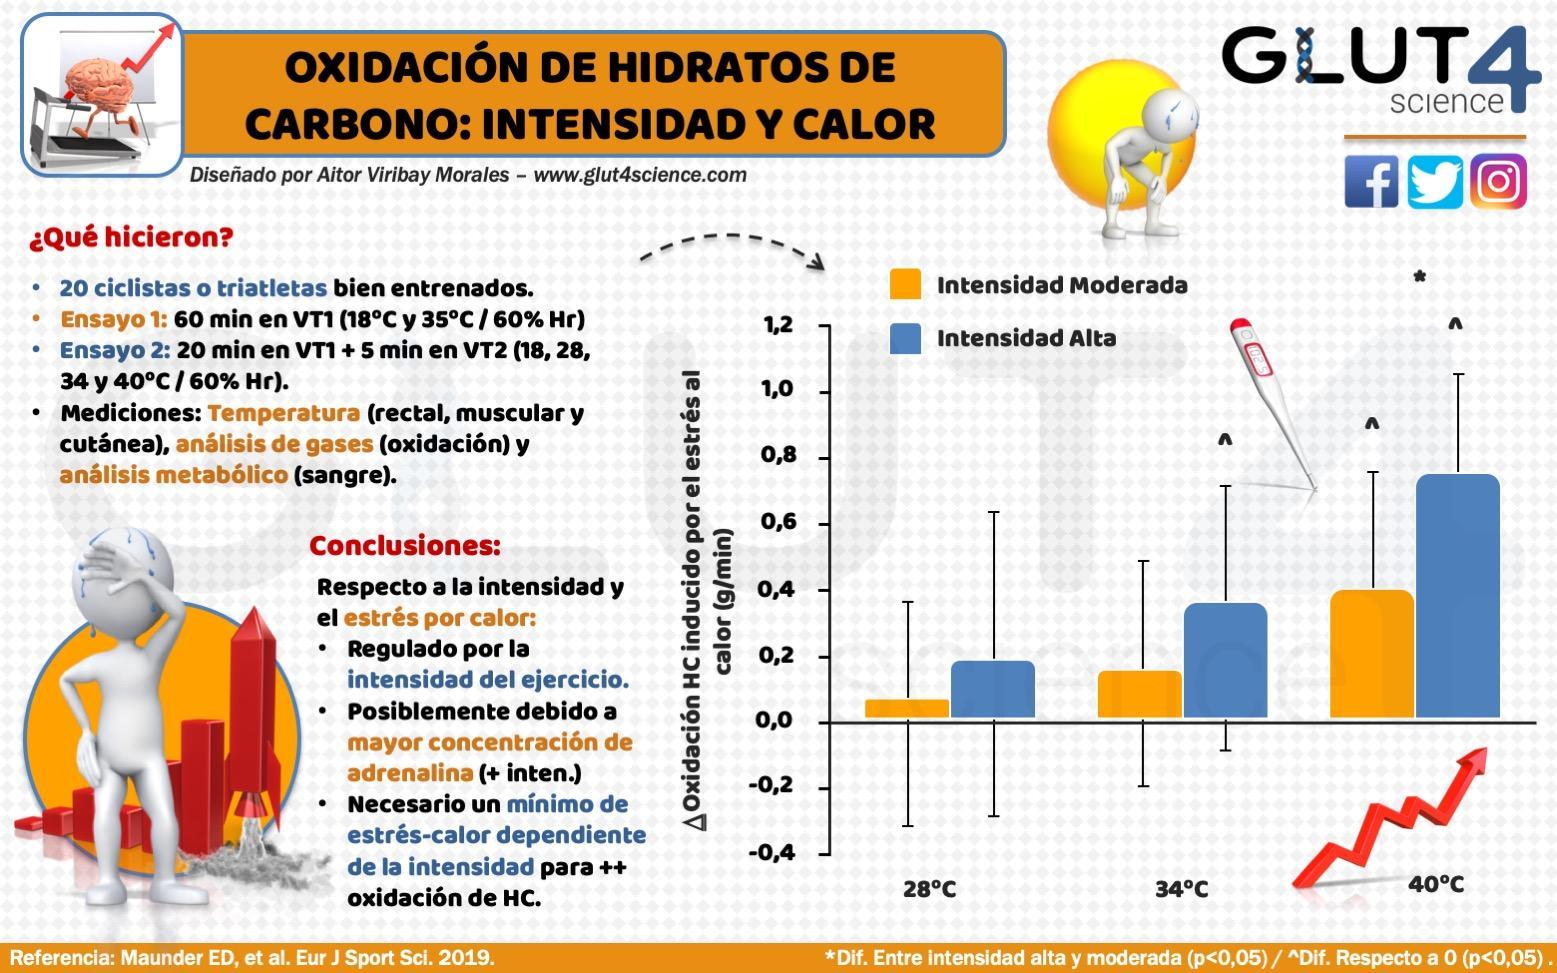 Efectos del calor en la oxidación de HC